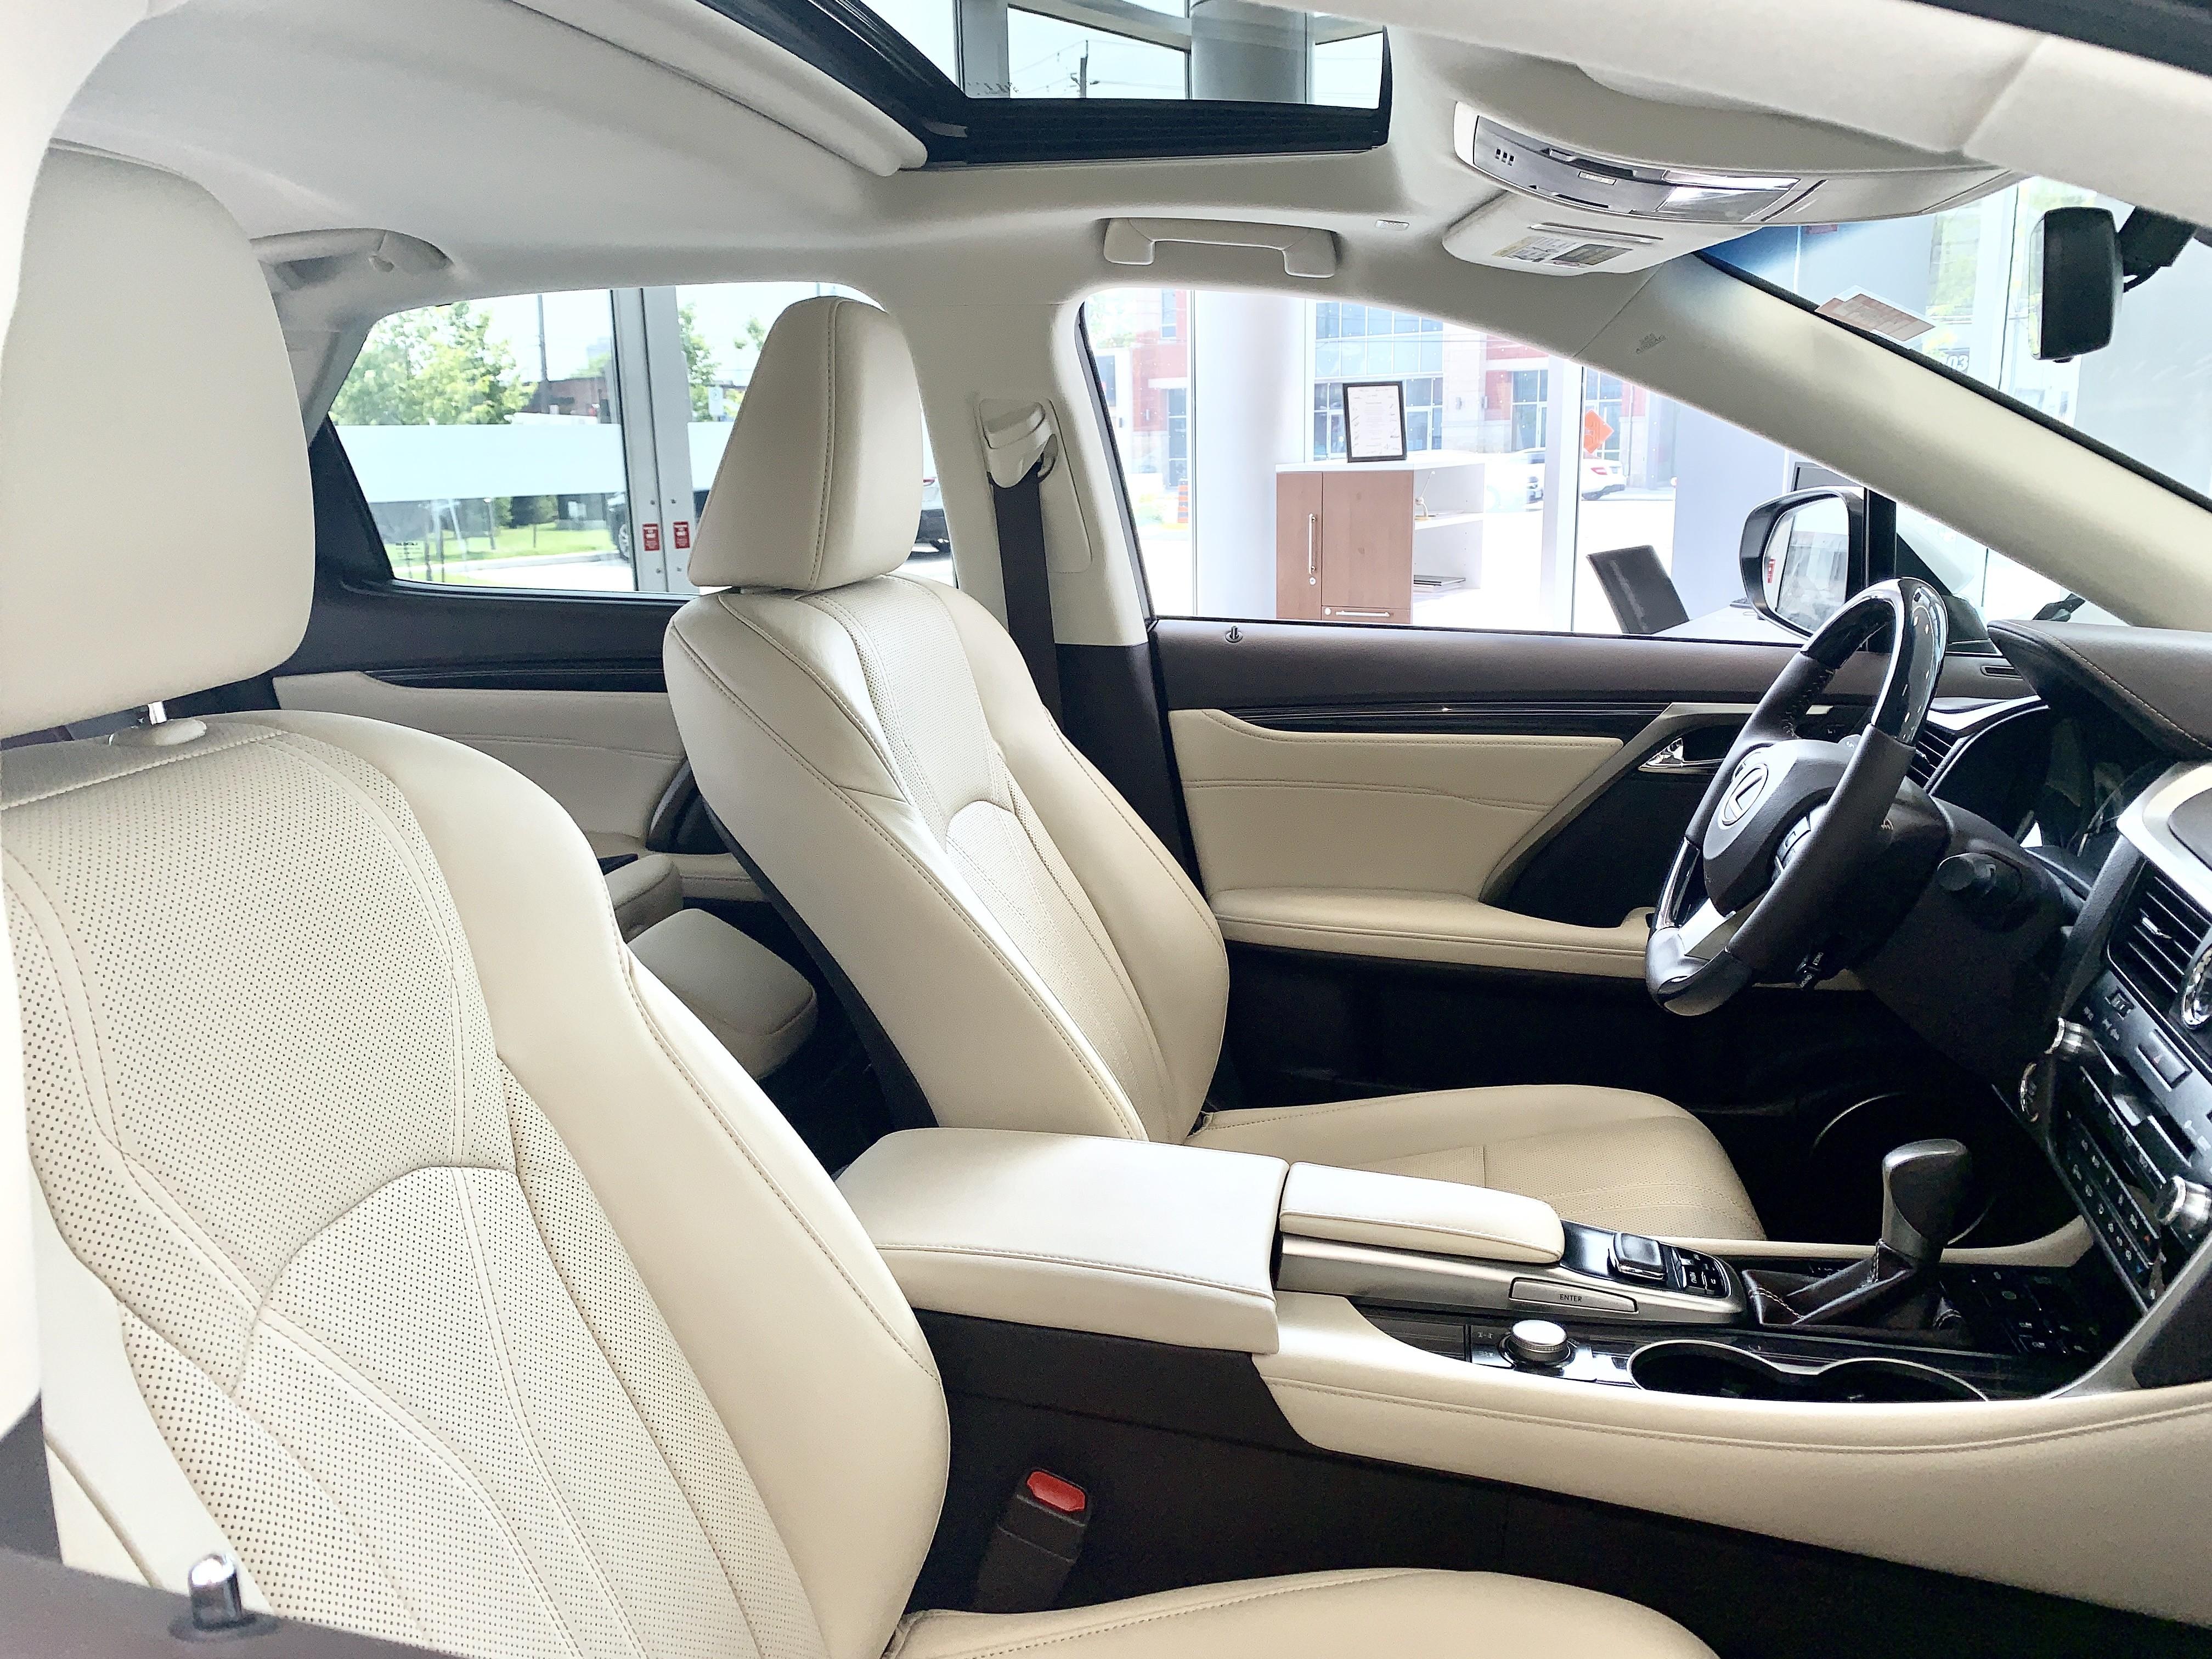 2020 Lexus RX Interior at Ken Shaw Lexus in Toronto